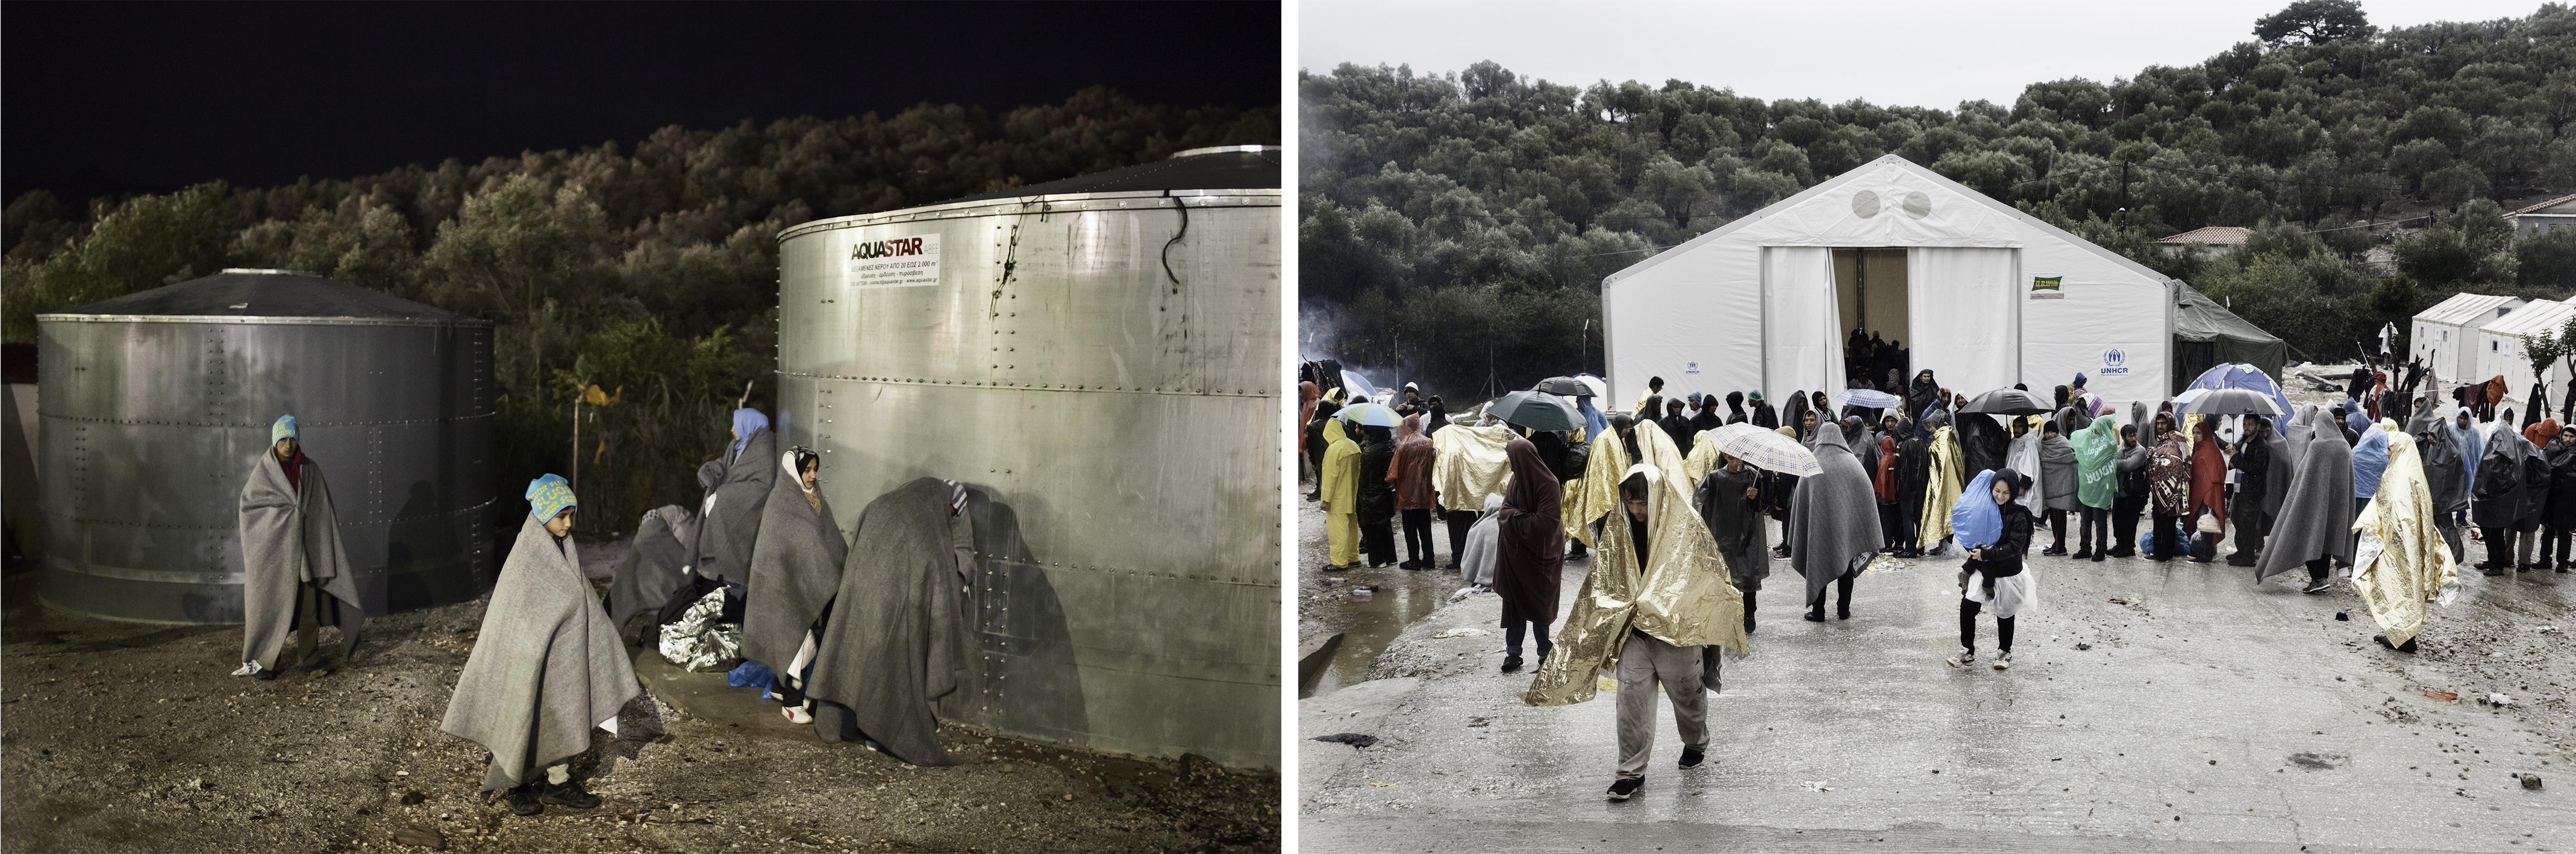 (gauche) Une famille afghane attend sonenregistrement, camp de Moria, octobre 2015. (droite) Des réfugiés font la queue pour se faire enregistrer, camp de Moria, octobre 2015. © Alessandro Penso/MAPS